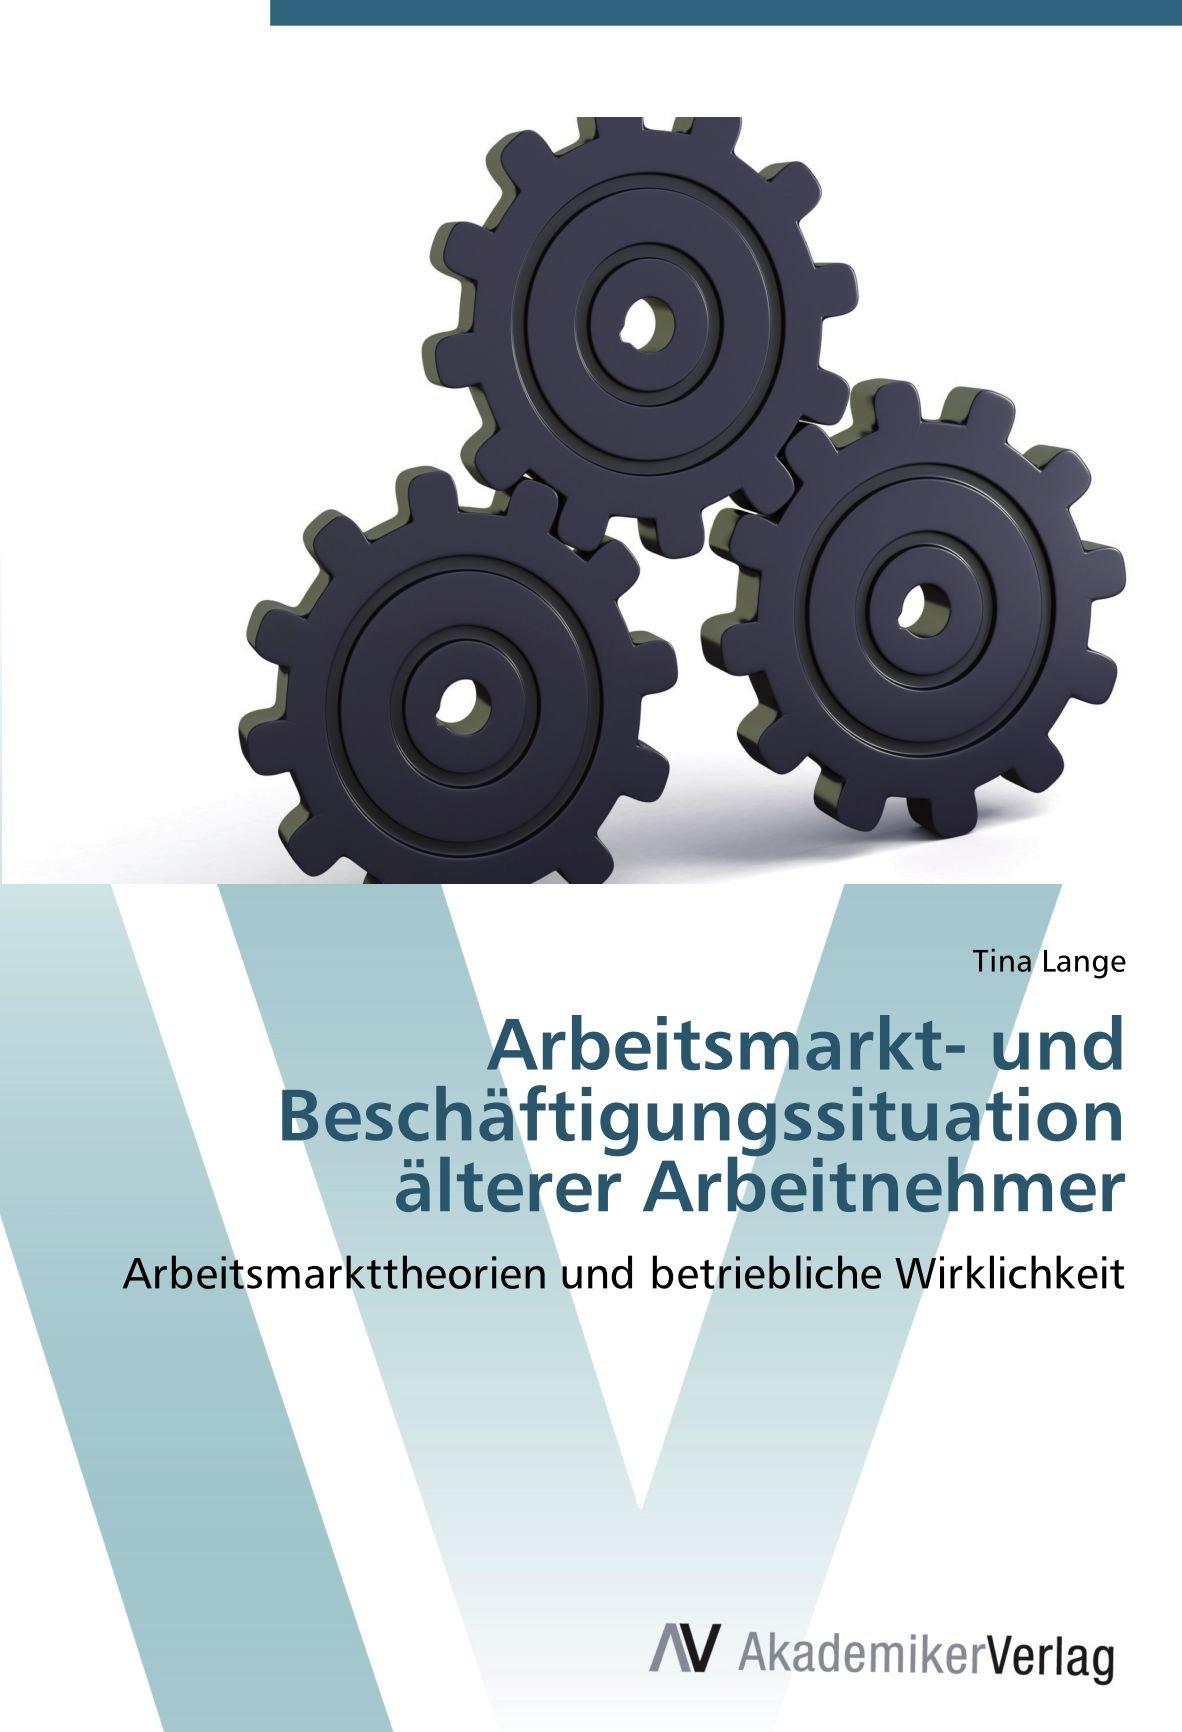 Download Arbeitsmarkt- und Beschäftigungssituation älterer Arbeitnehmer: Arbeitsmarkttheorien und betriebliche Wirklichkeit (German Edition) PDF